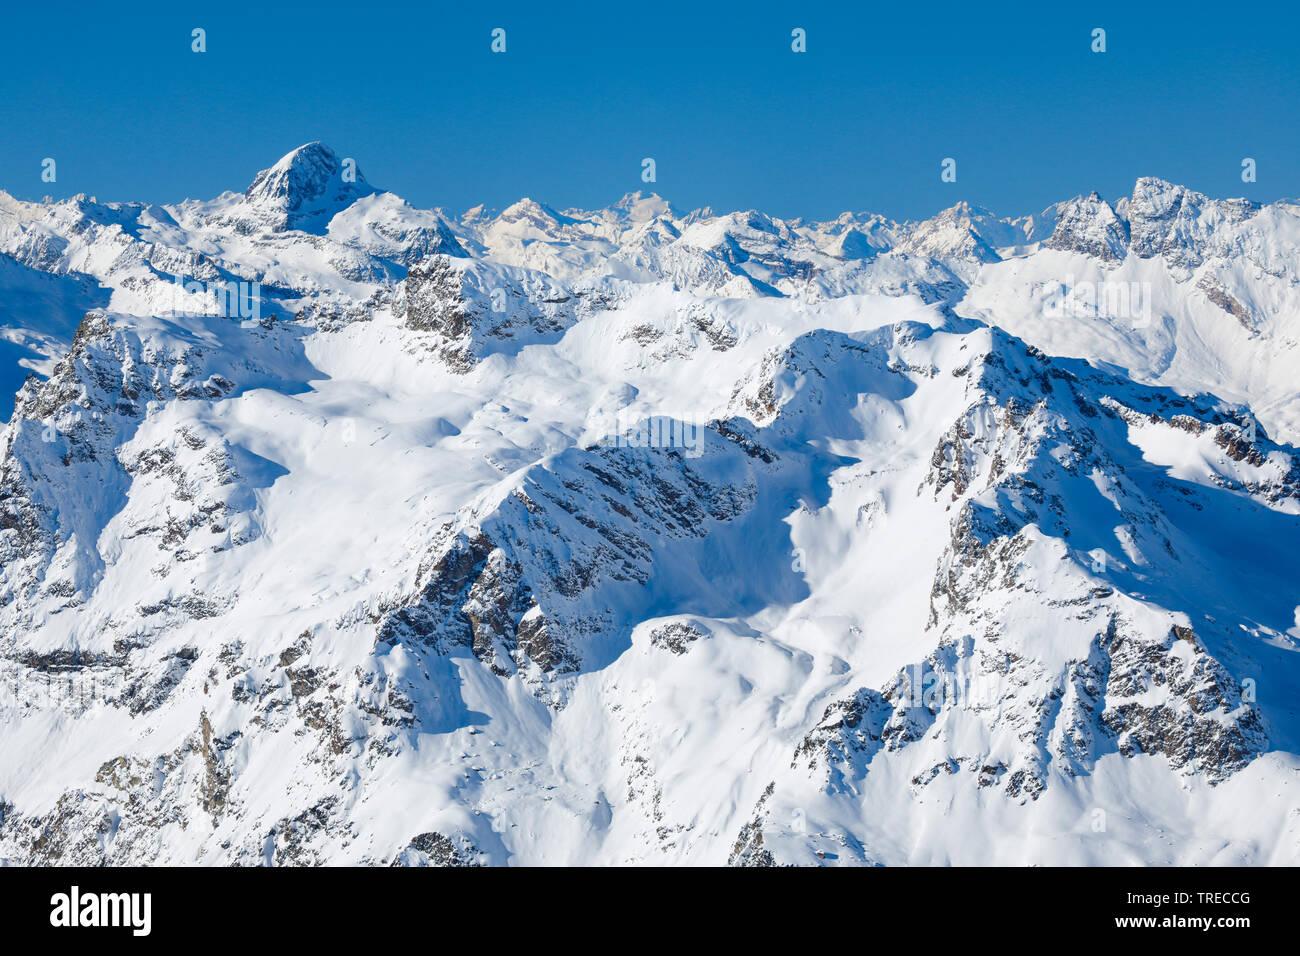 Piz Platta - 3392 m, Aussicht von Piz Corvatsch, Schweiz, Graubuenden, Oberengadin   Piz Platta - 3392 m, view from Piz Corvatsch, Switzerland, Grison - Stock Image